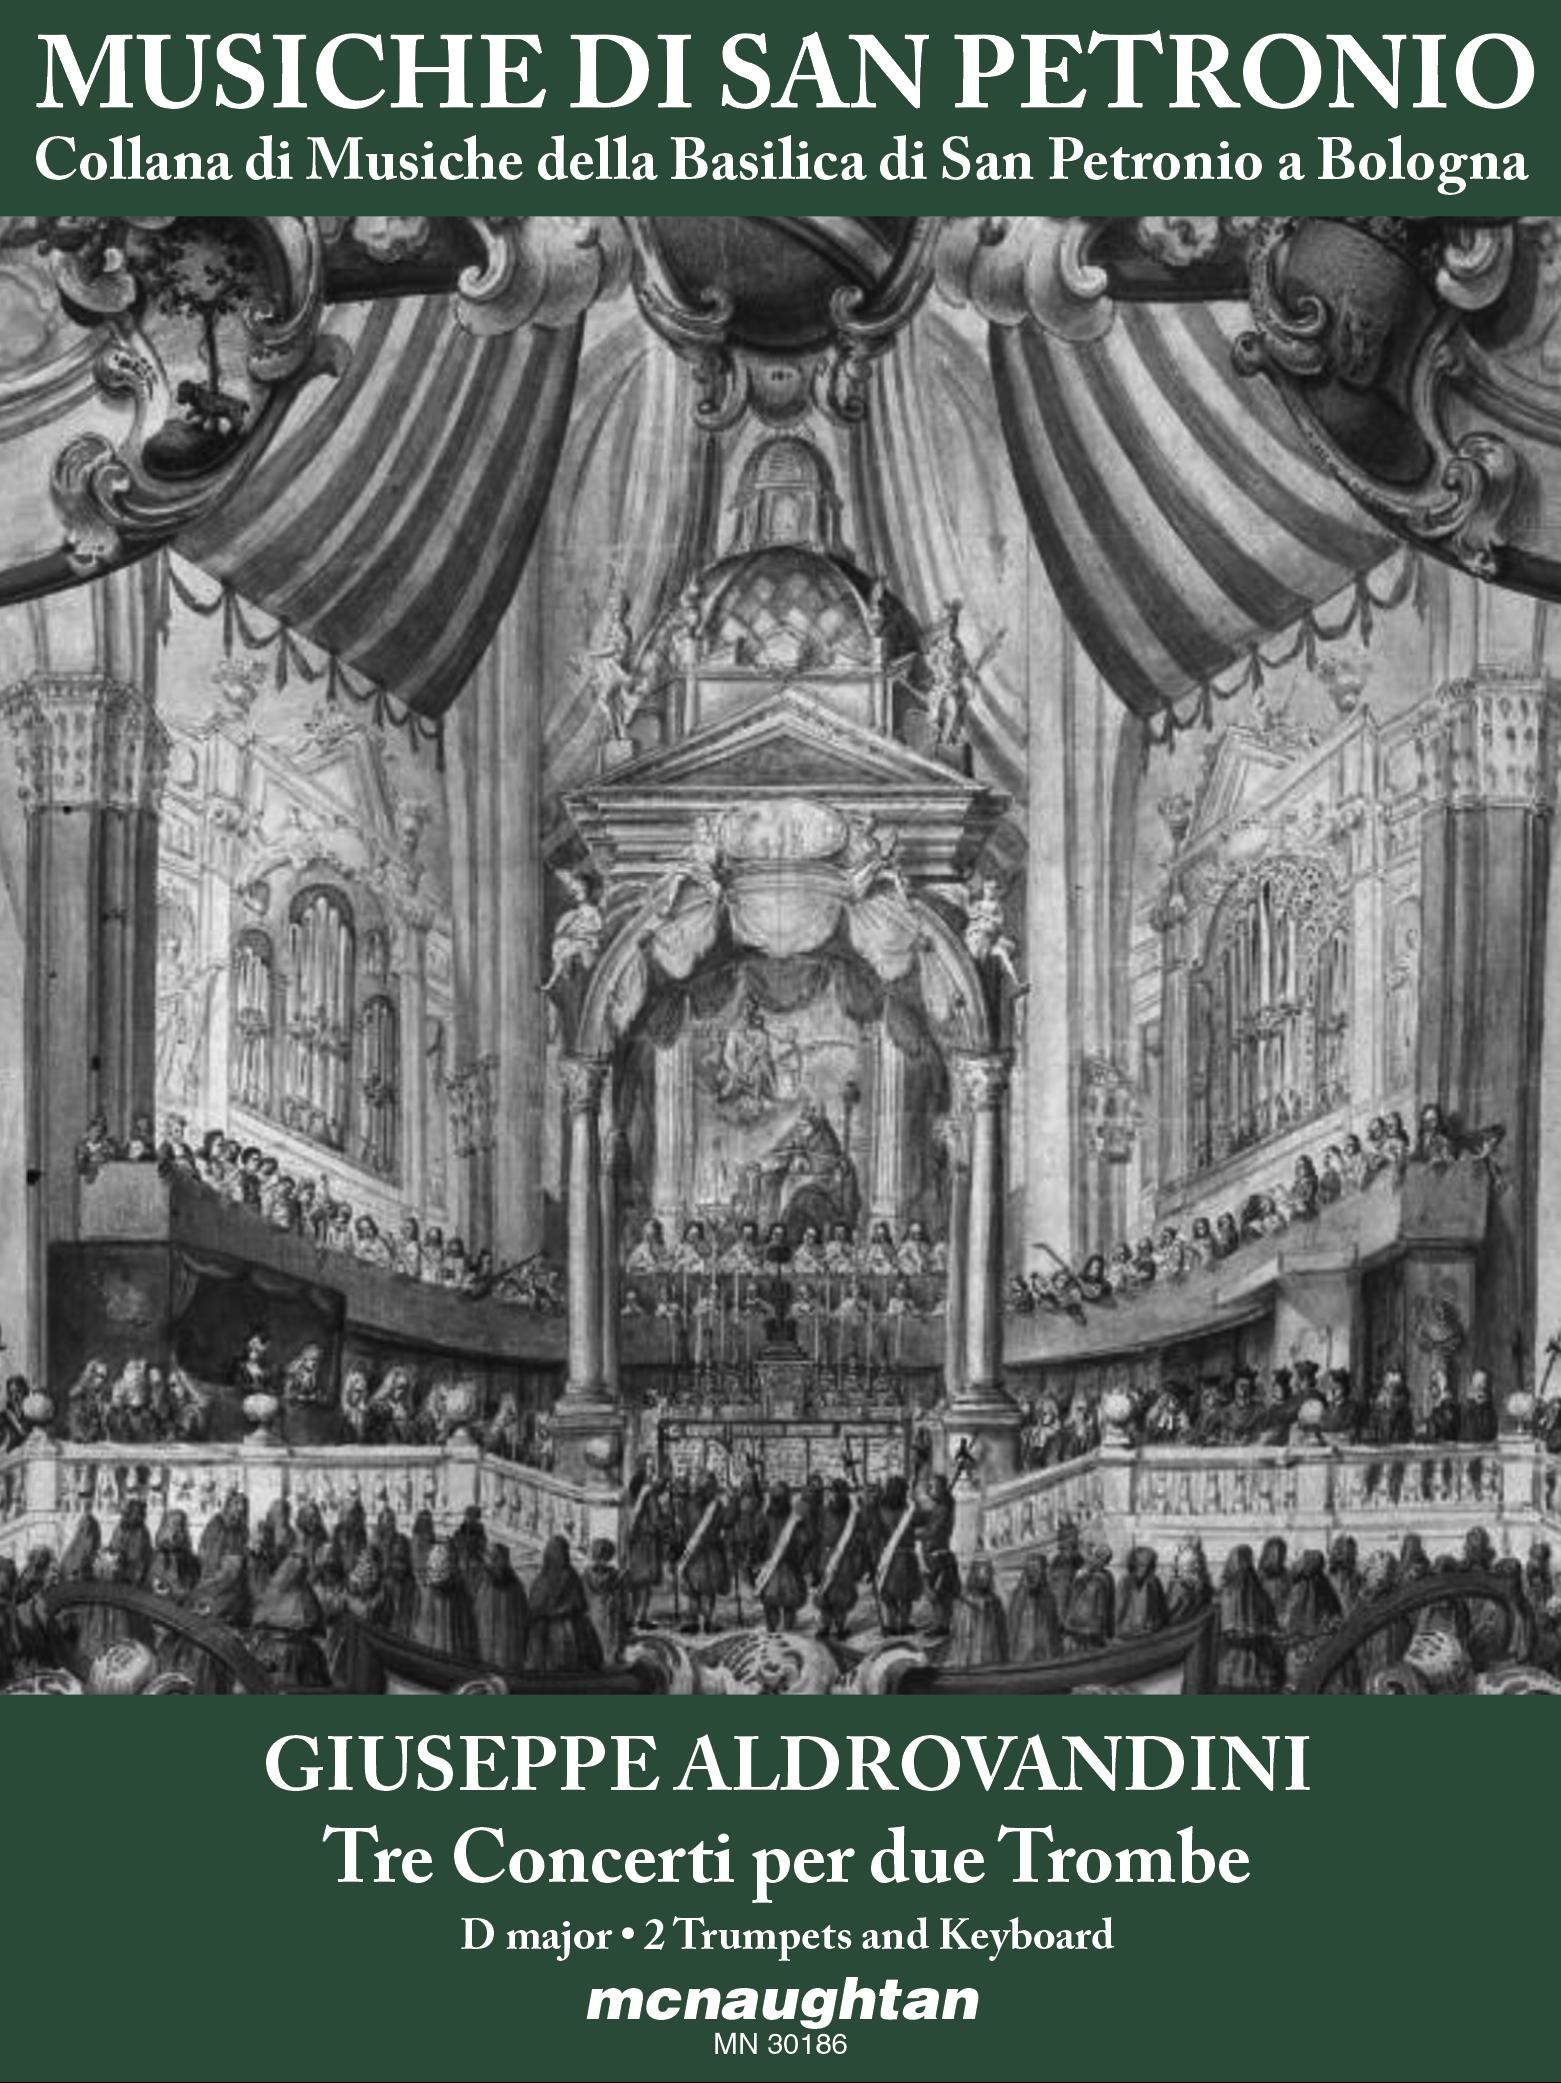 ALDROVANDINI 3 Concerti per due Trombe D major Score+Parts